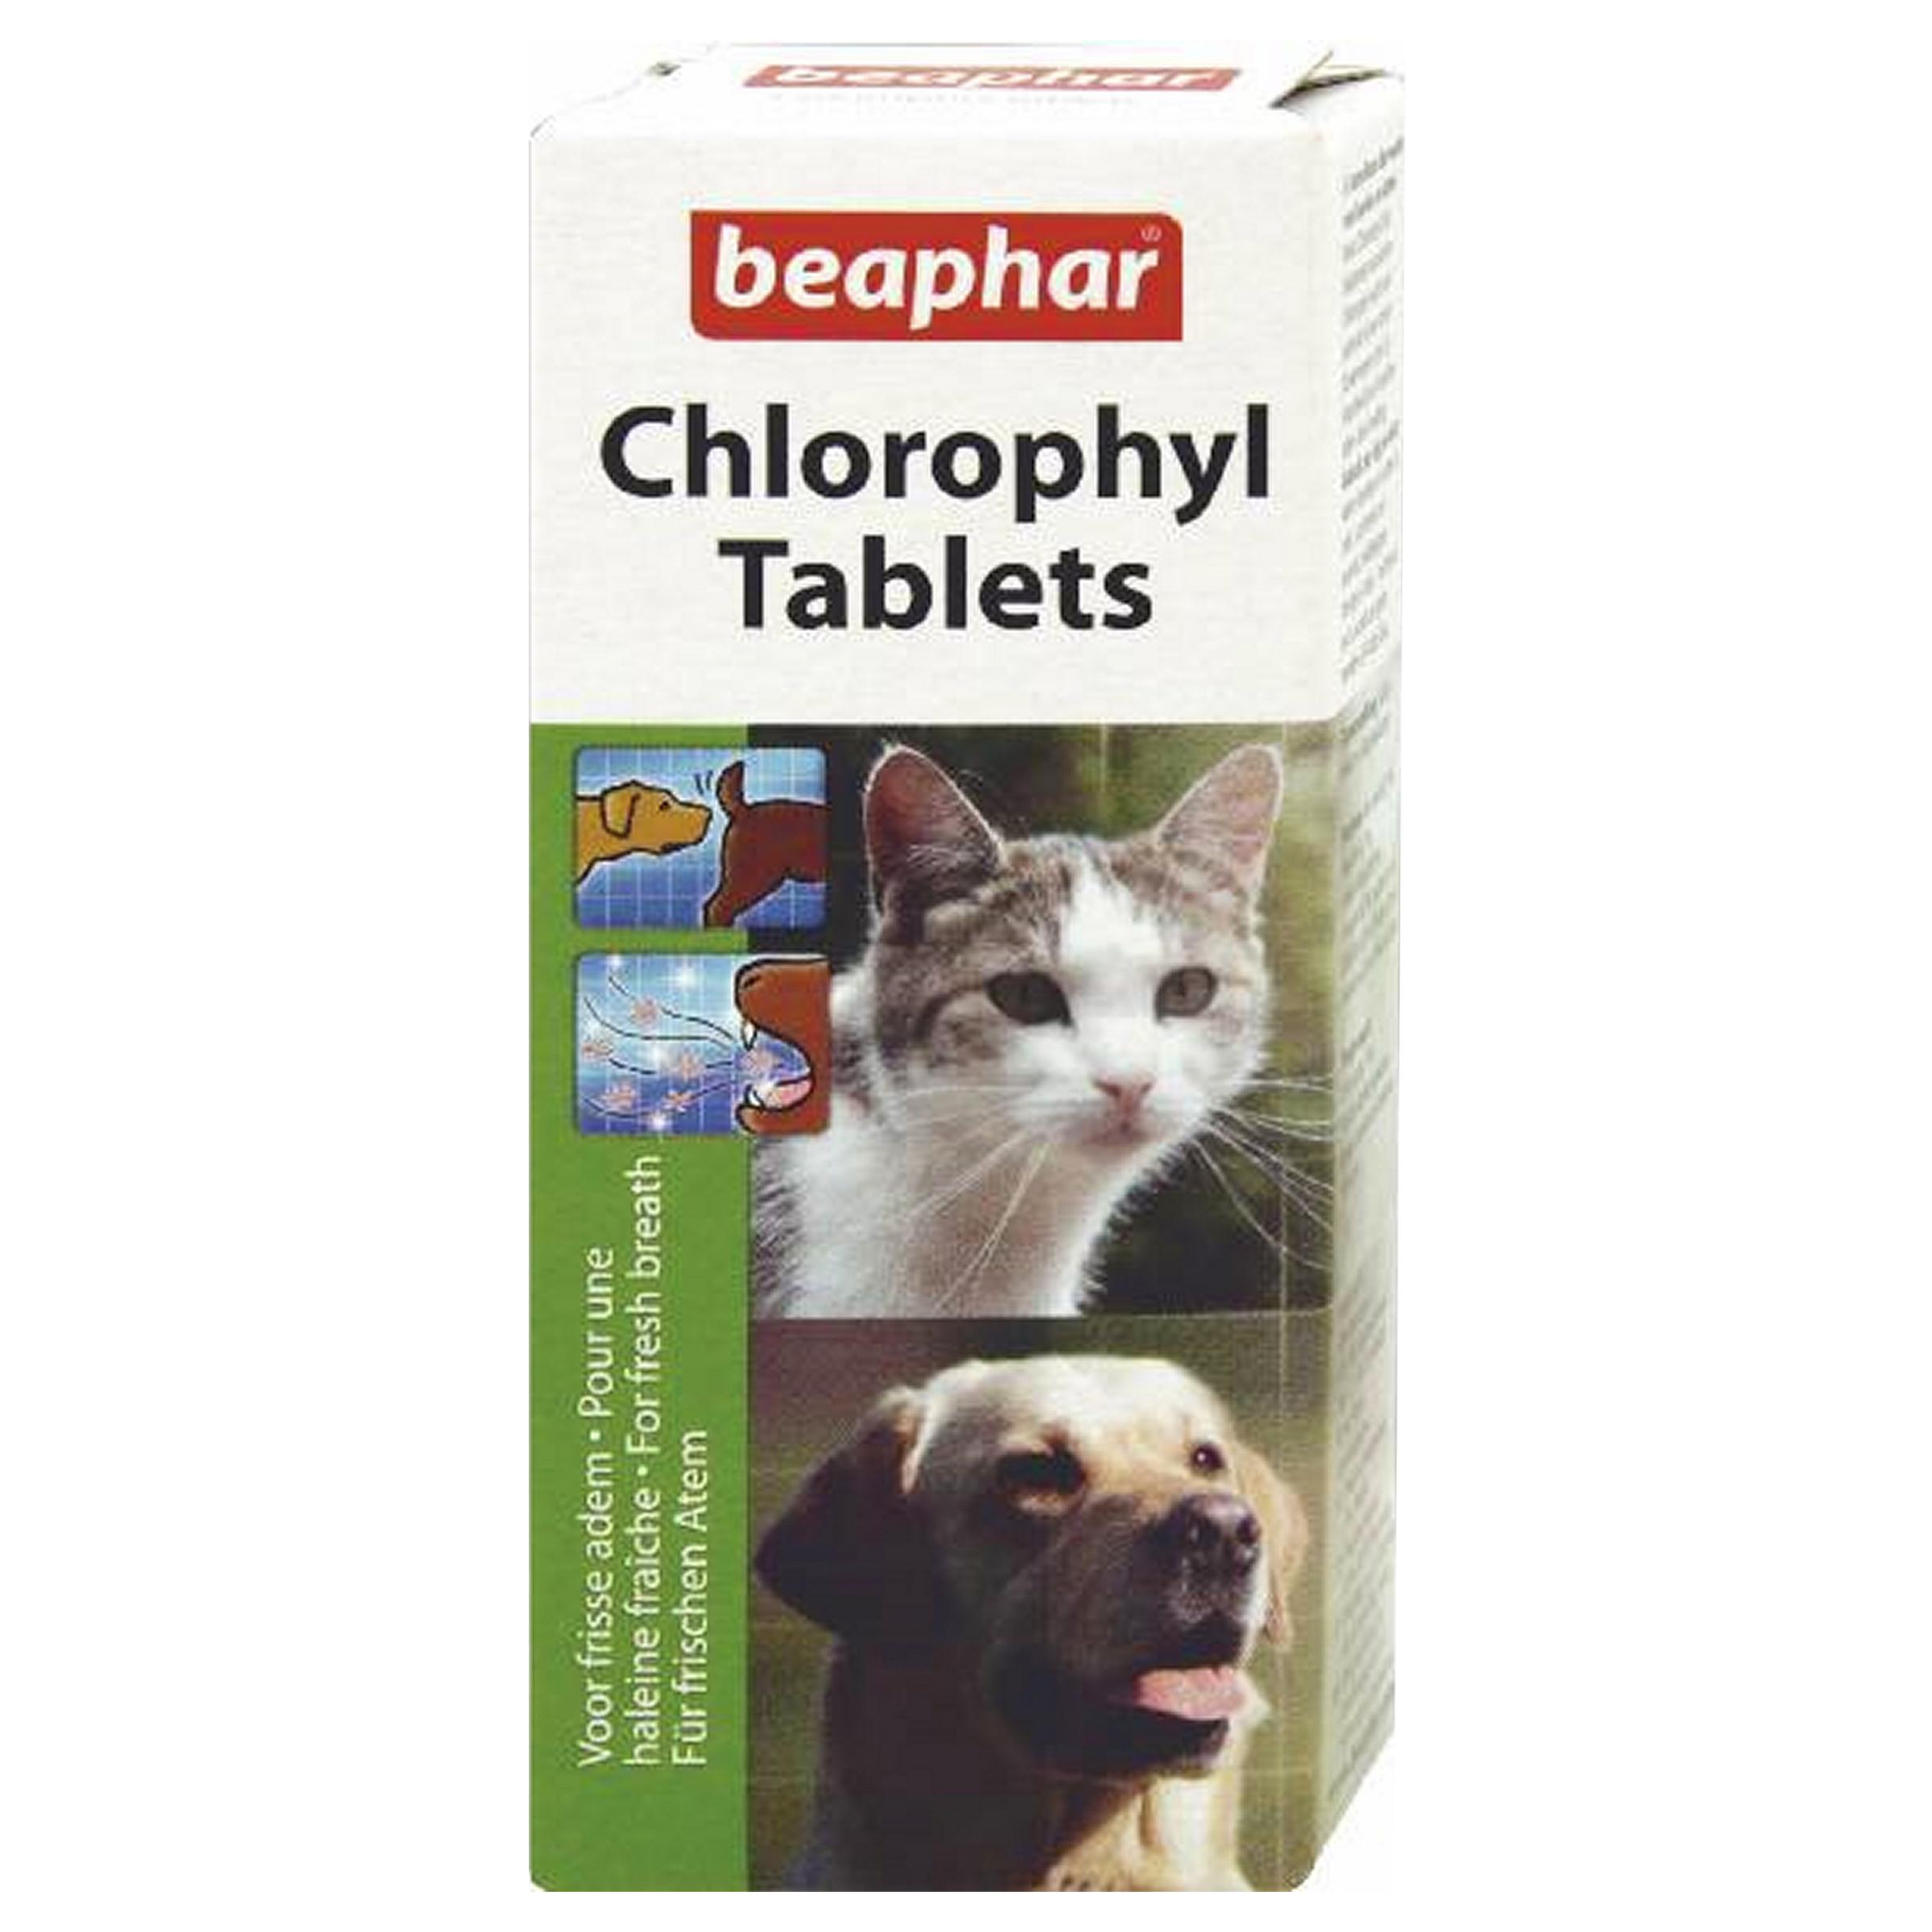 Image of beaphar Chlorophyll Tabletten Hund/Katze für frischen Atem 30Stk.